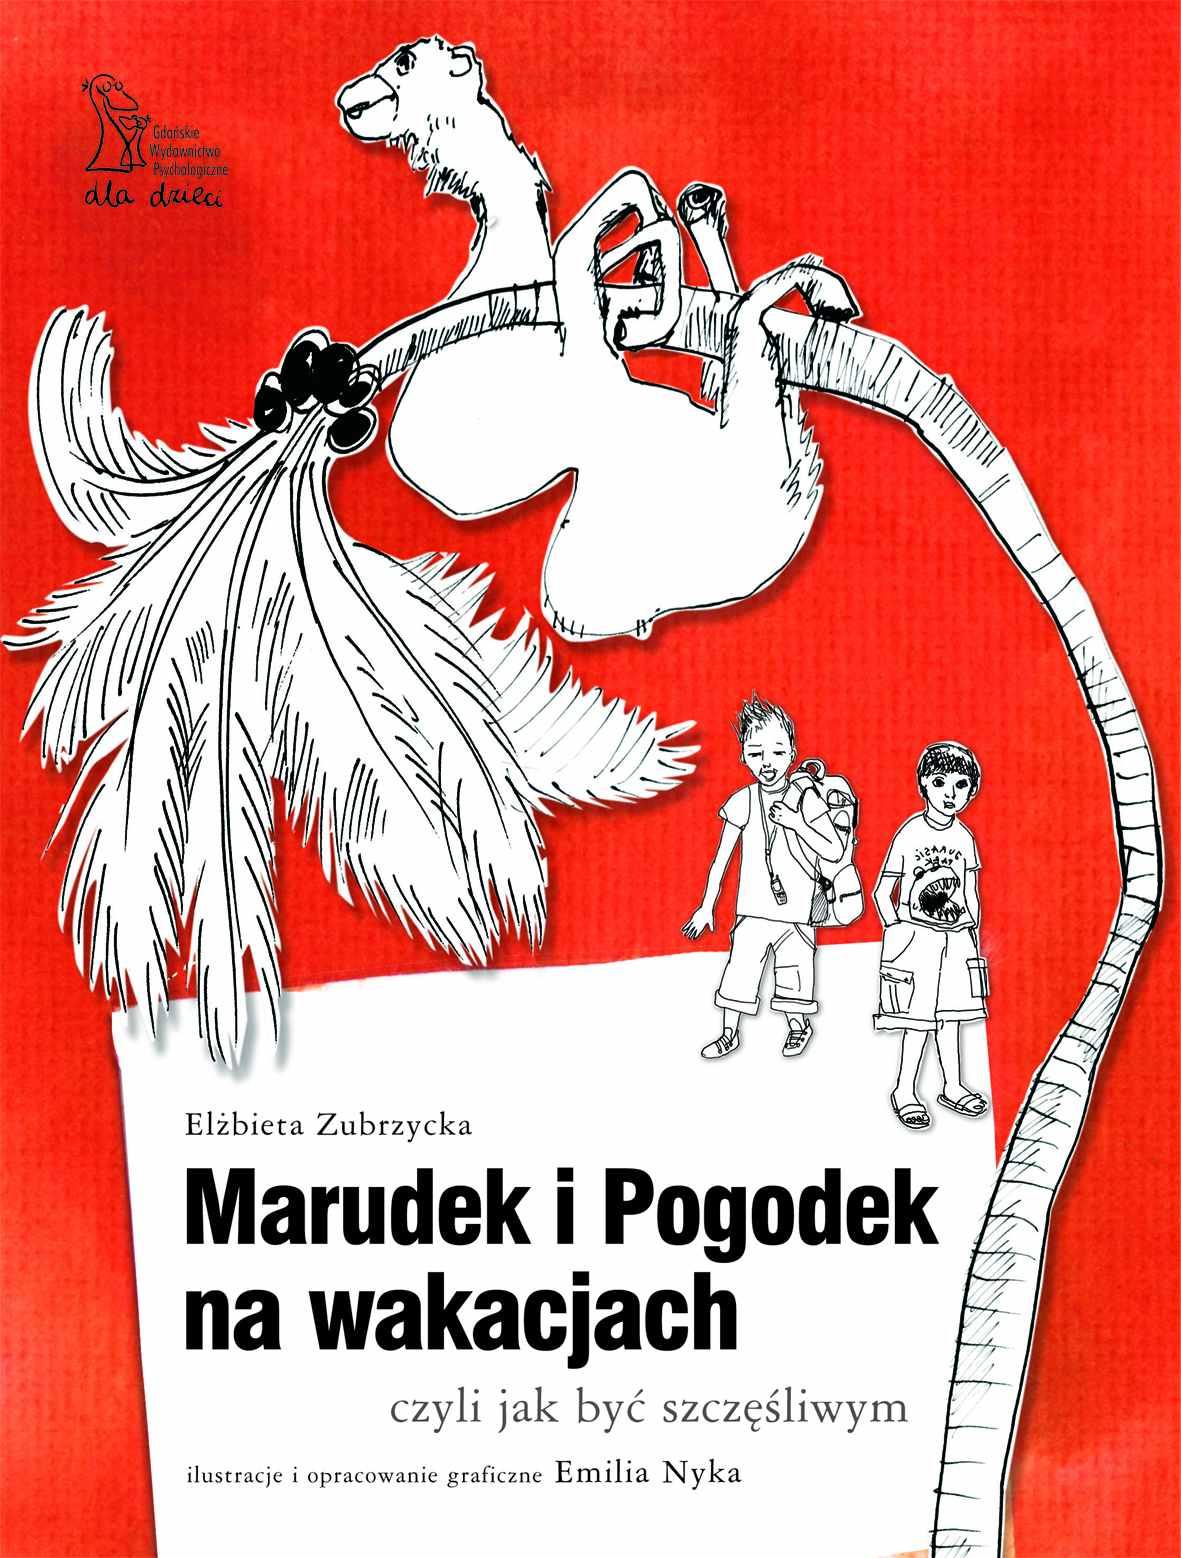 Marudek i Pogodek na wakacjach, czyli jak być szczęśliwym - Ebook (Książka na Kindle) do pobrania w formacie MOBI